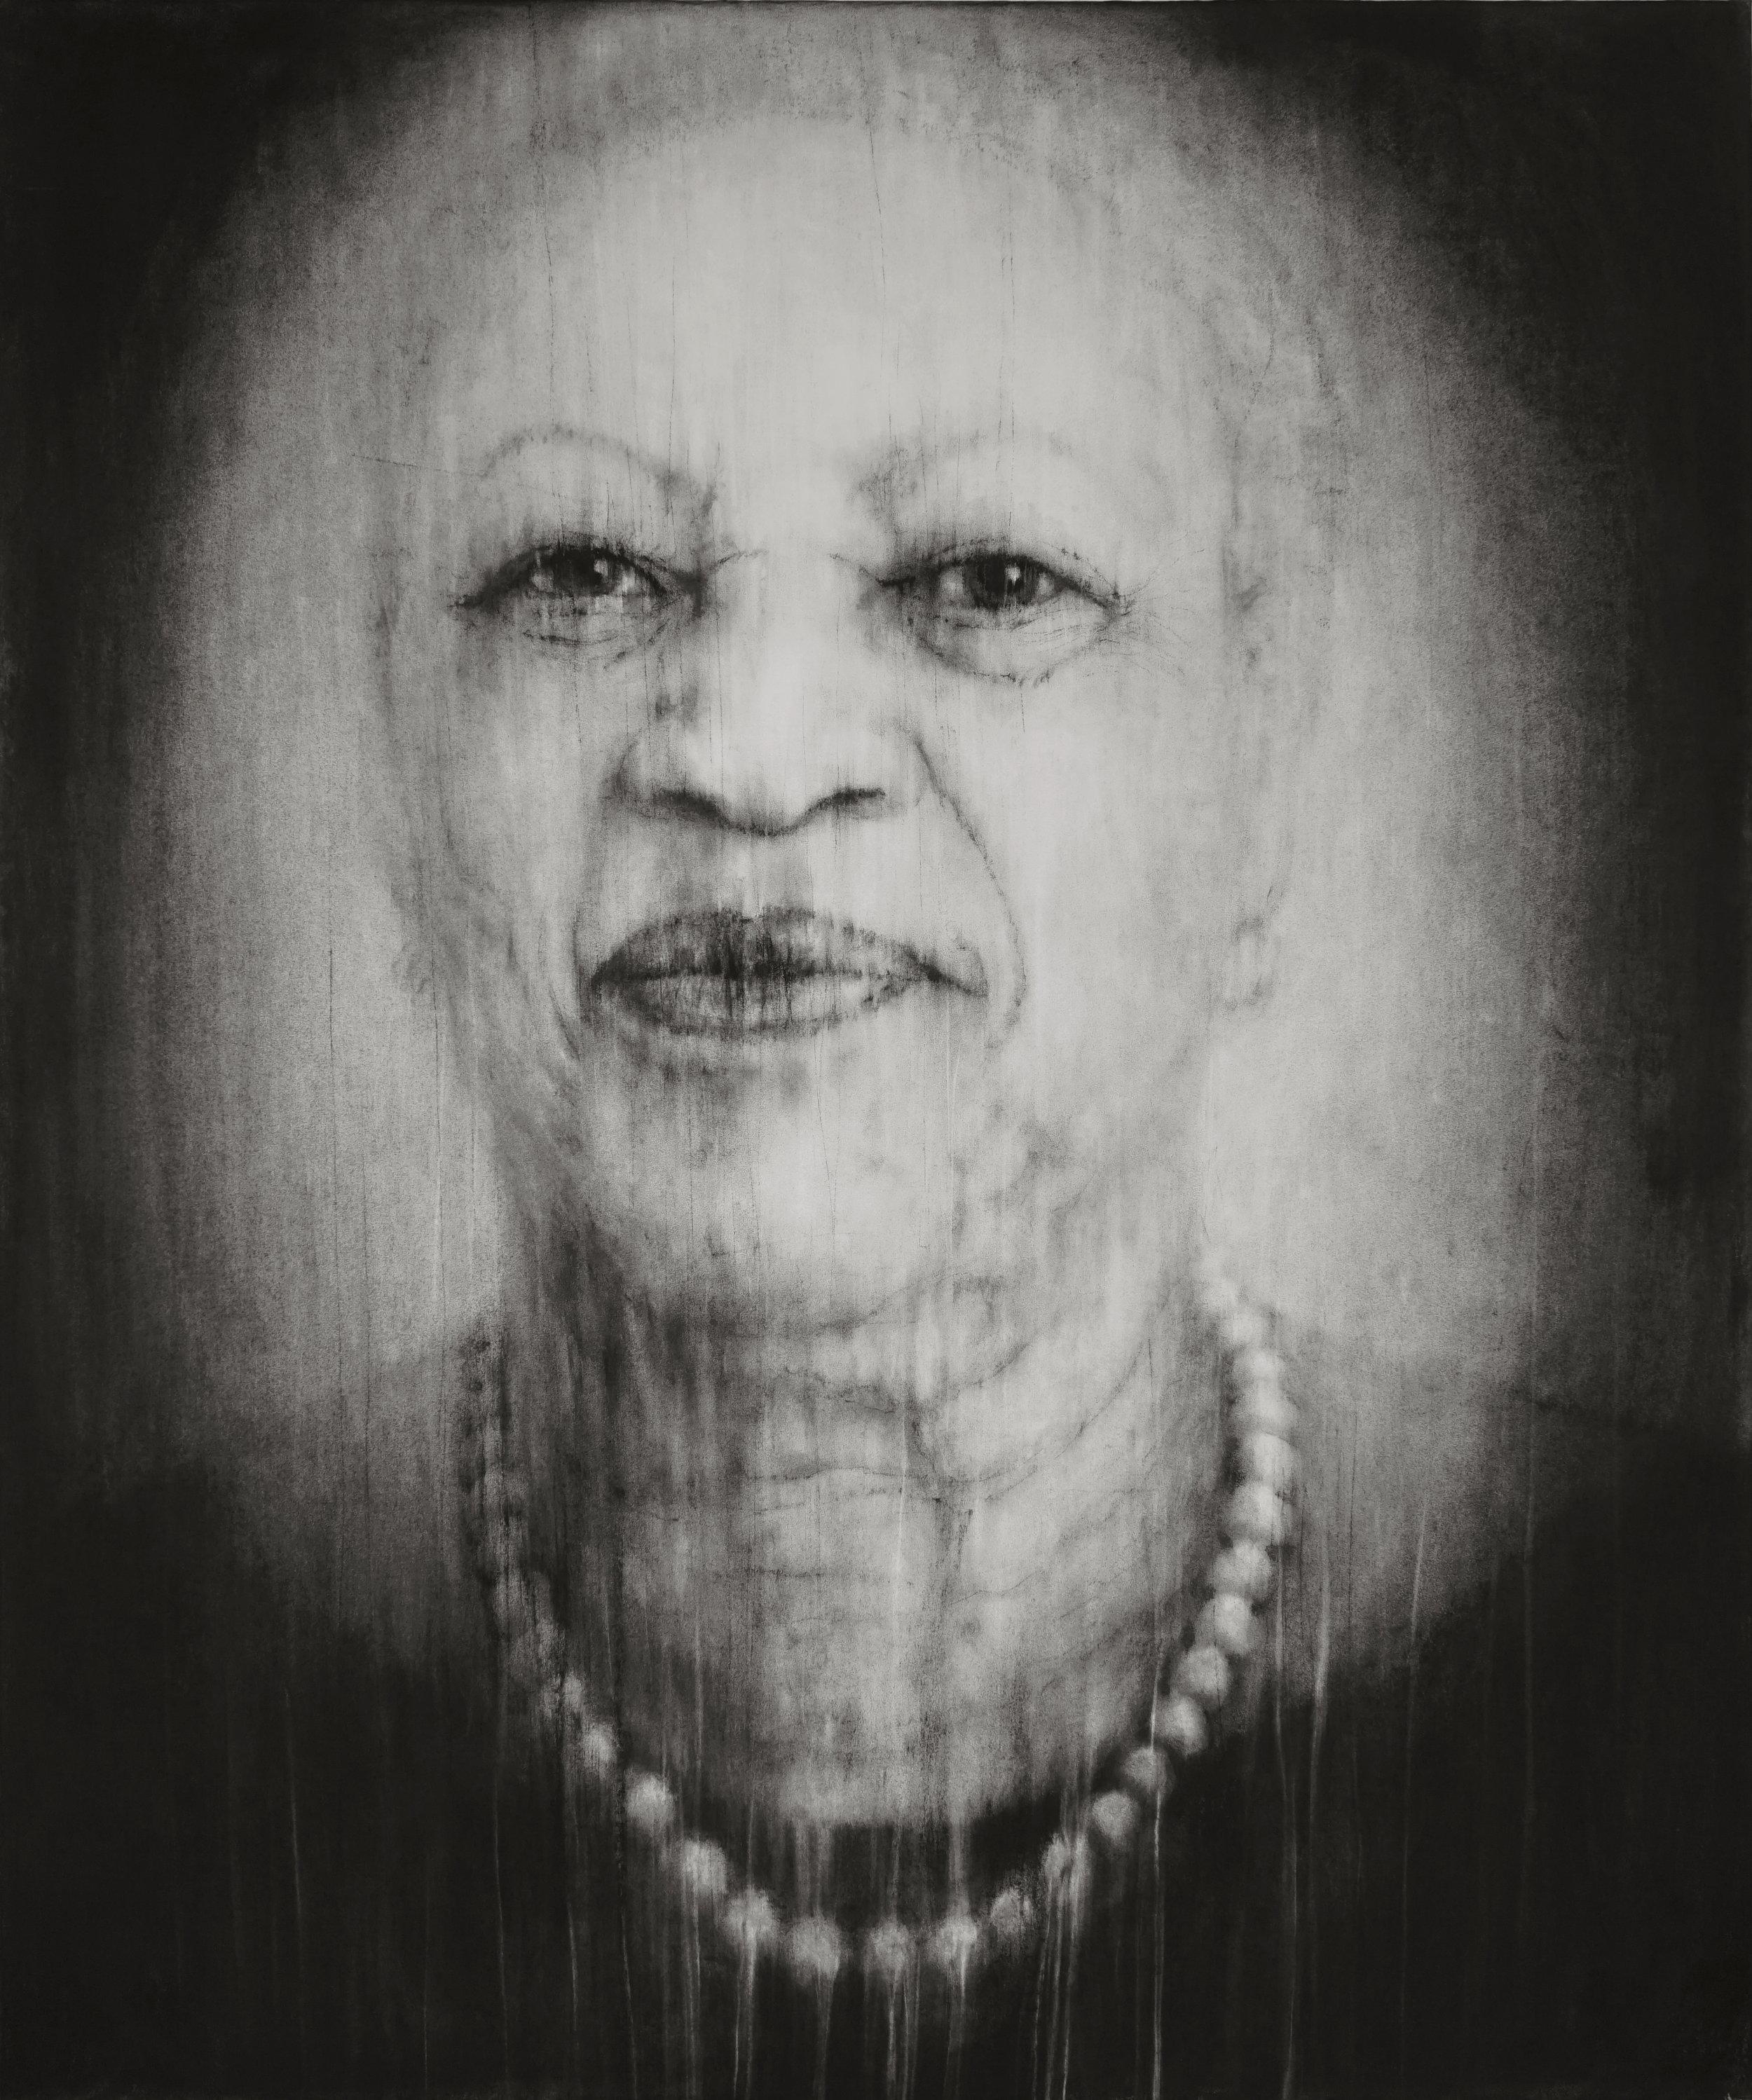 """Guy Oberson, """"Saving Daylight (Toni Morrison)"""", pierre noire sur papier, 138x165 cm, 2017"""